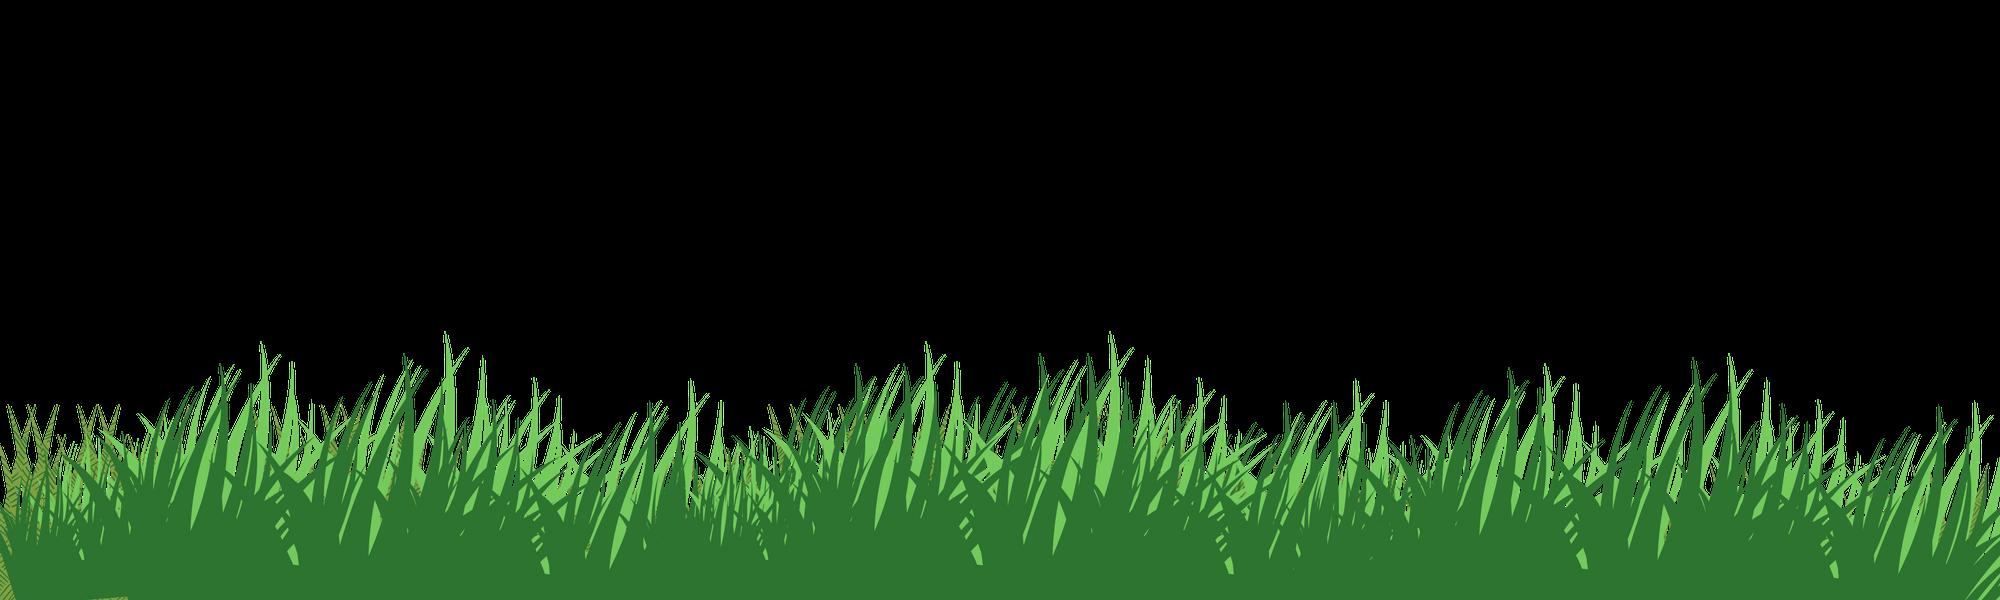 Grass Background Tony Franco